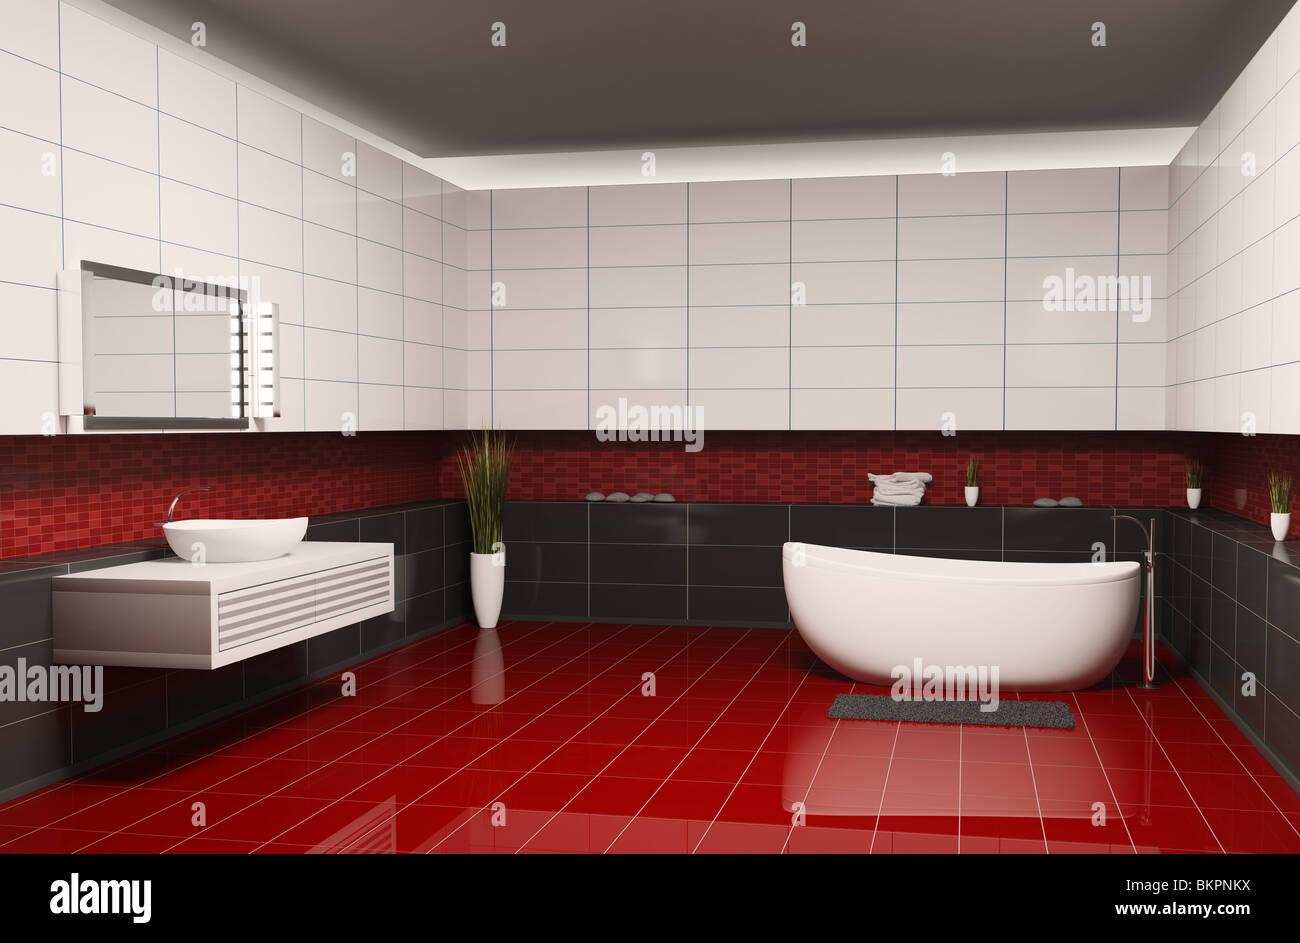 Salle de bains avec murs blanc noir et rouge marbre interior ...